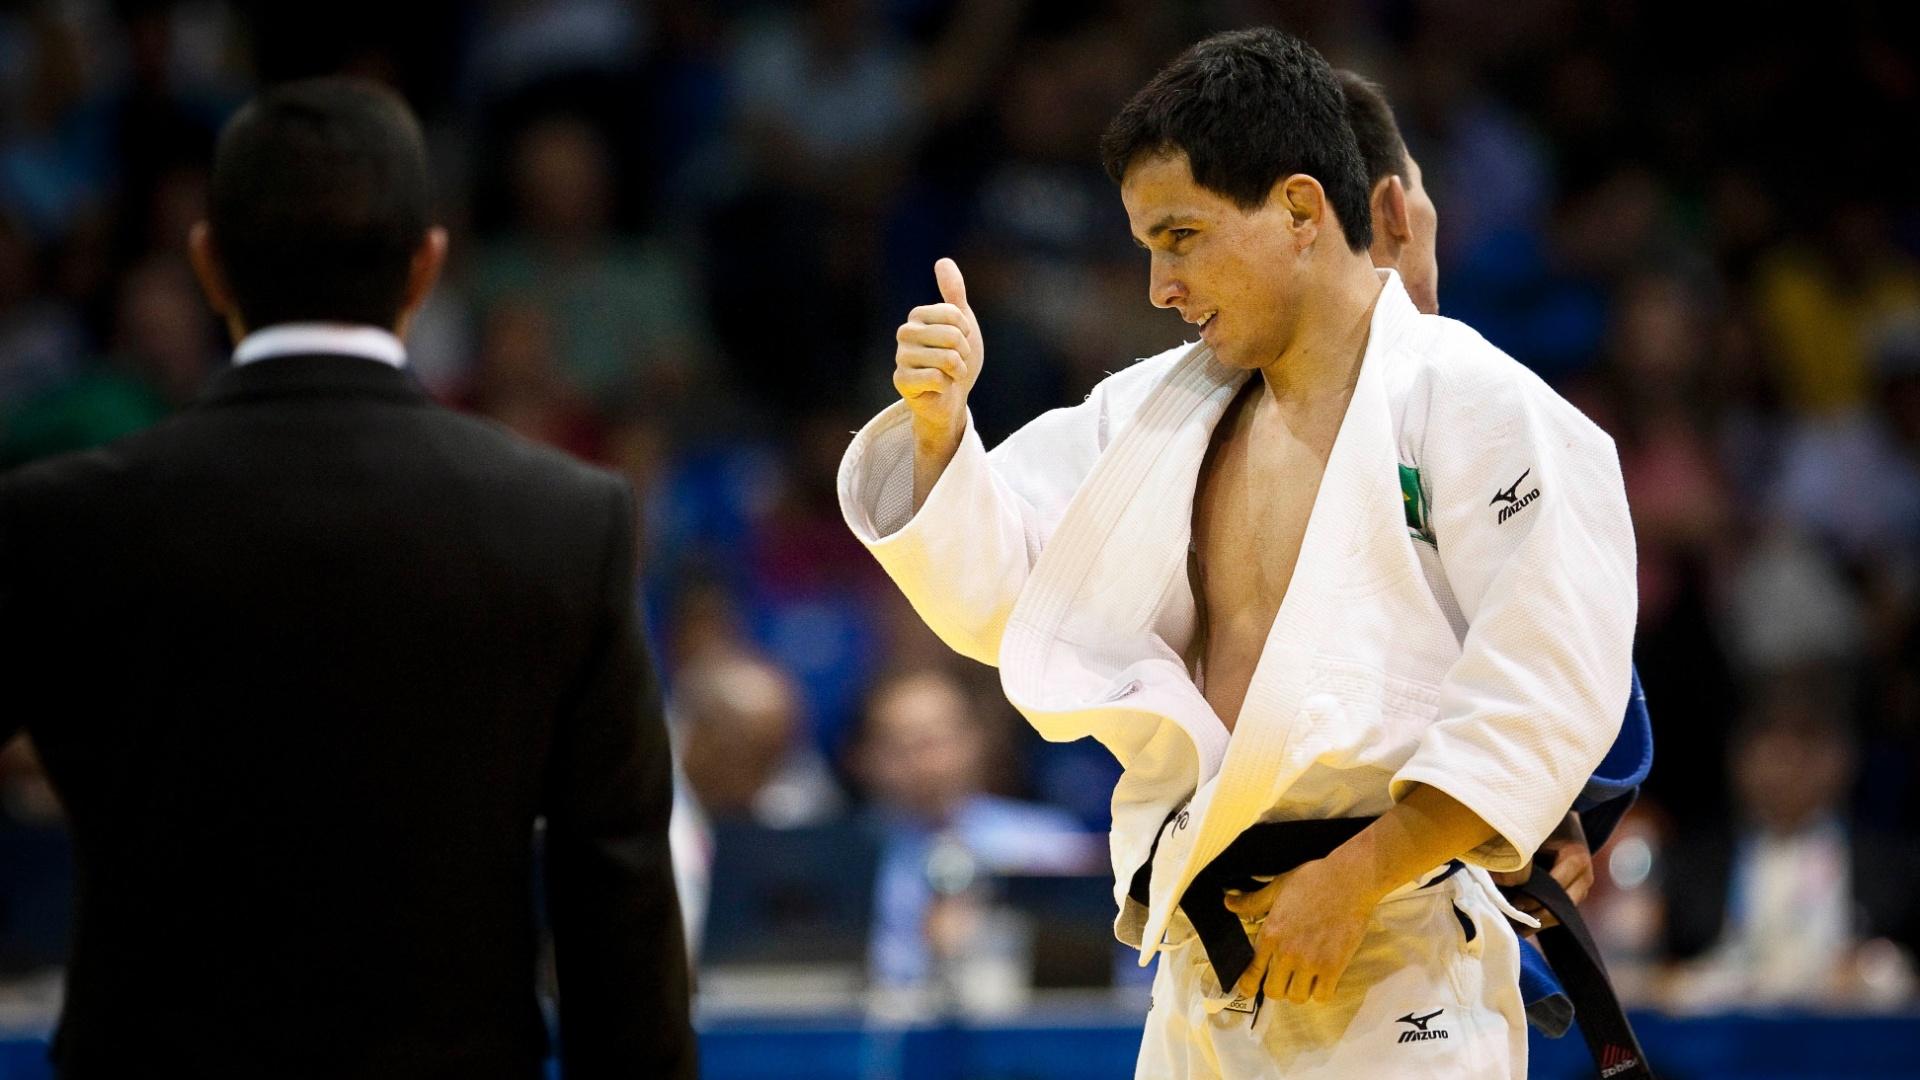 Felipe Kitadai conquistou o ouro na categoria até 60kg no judô, depois de derrotar o mexicano Nabor Castillo na final (29/10/2011)